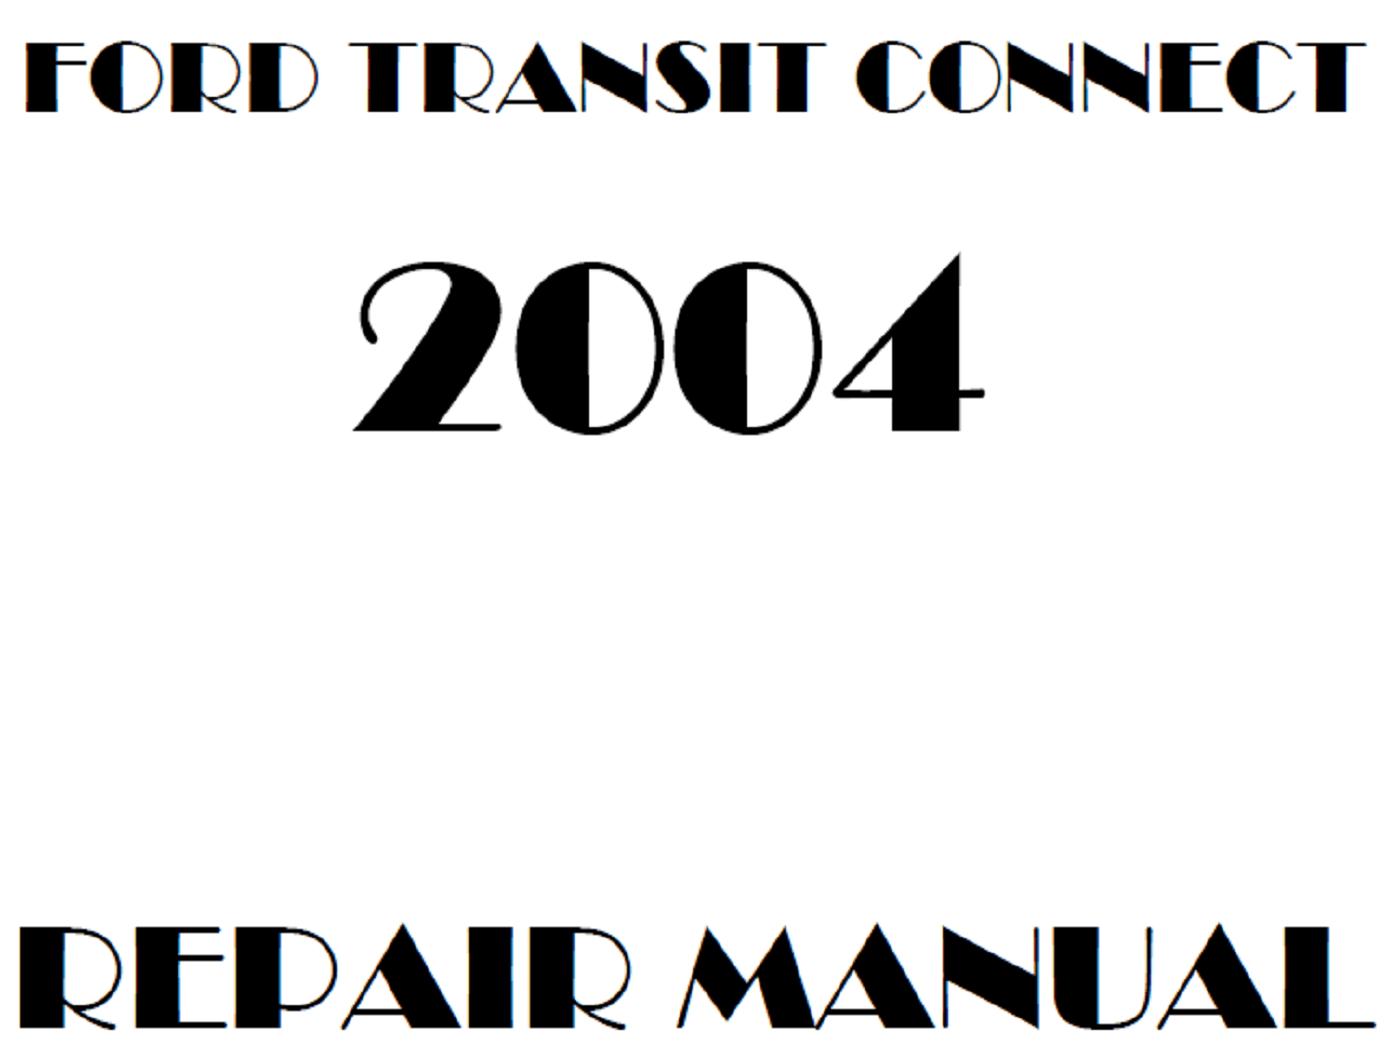 2004 Ford Transit Connect repair manual